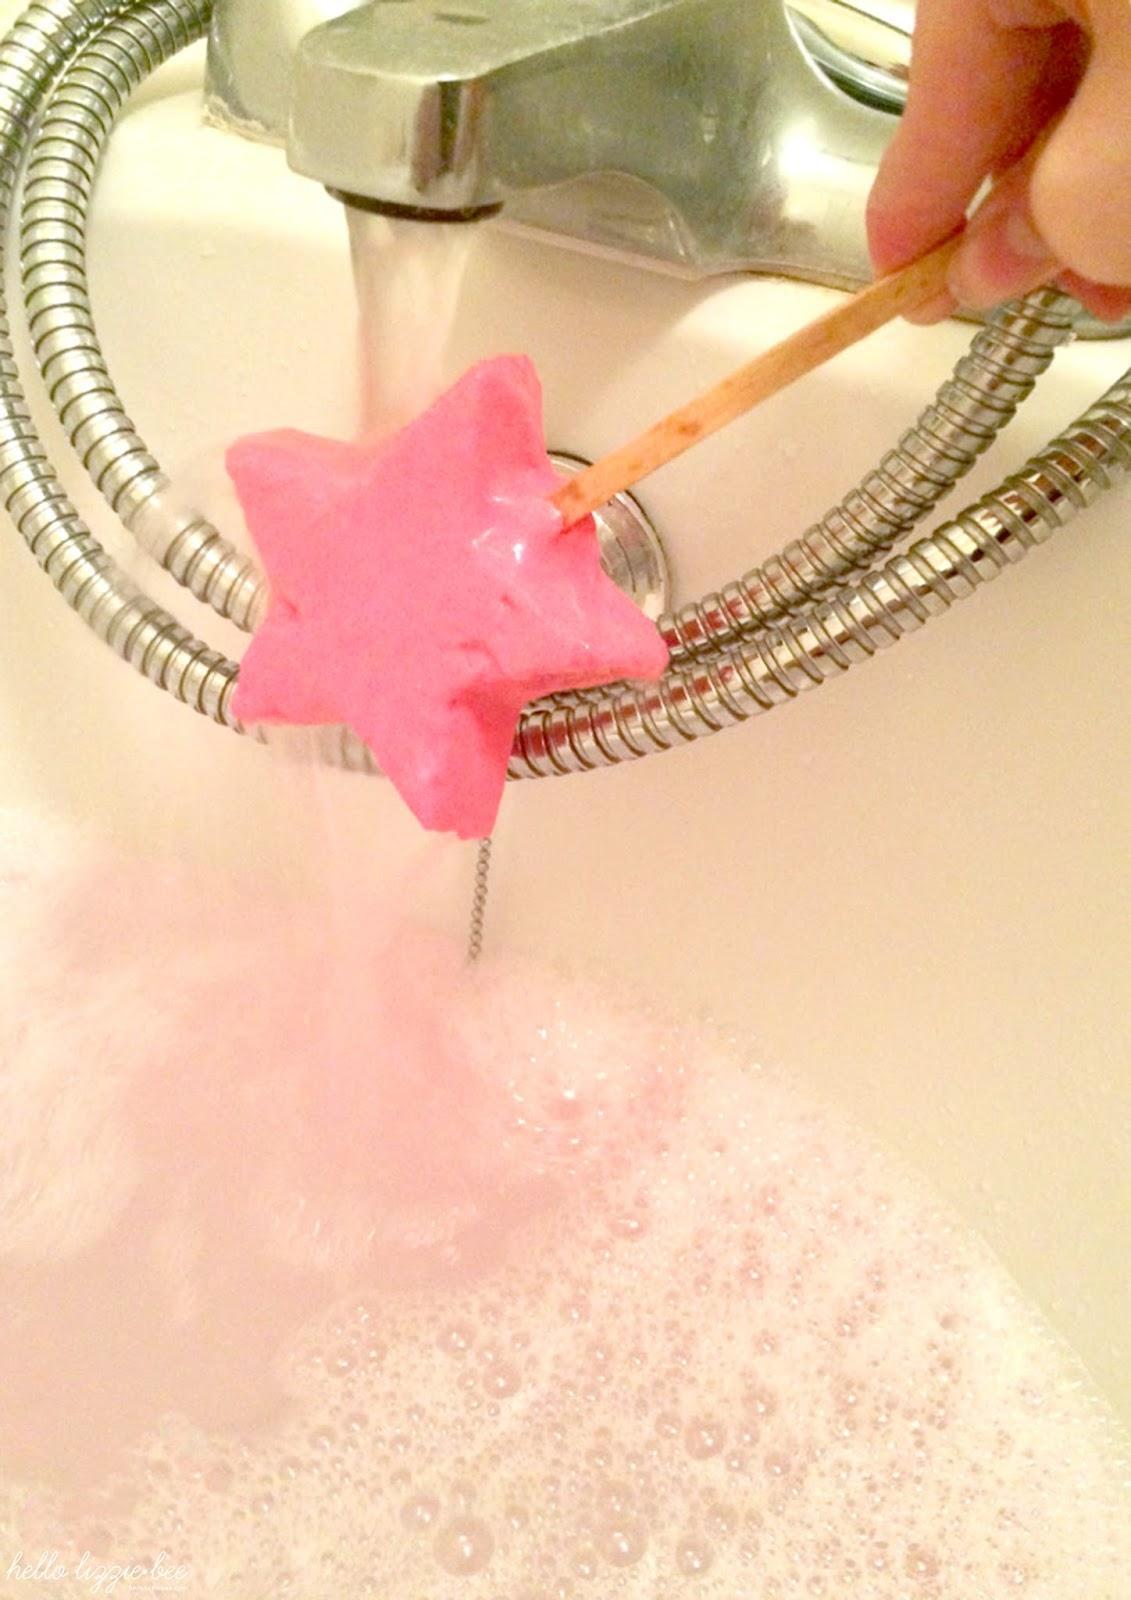 magic bubble bar wand